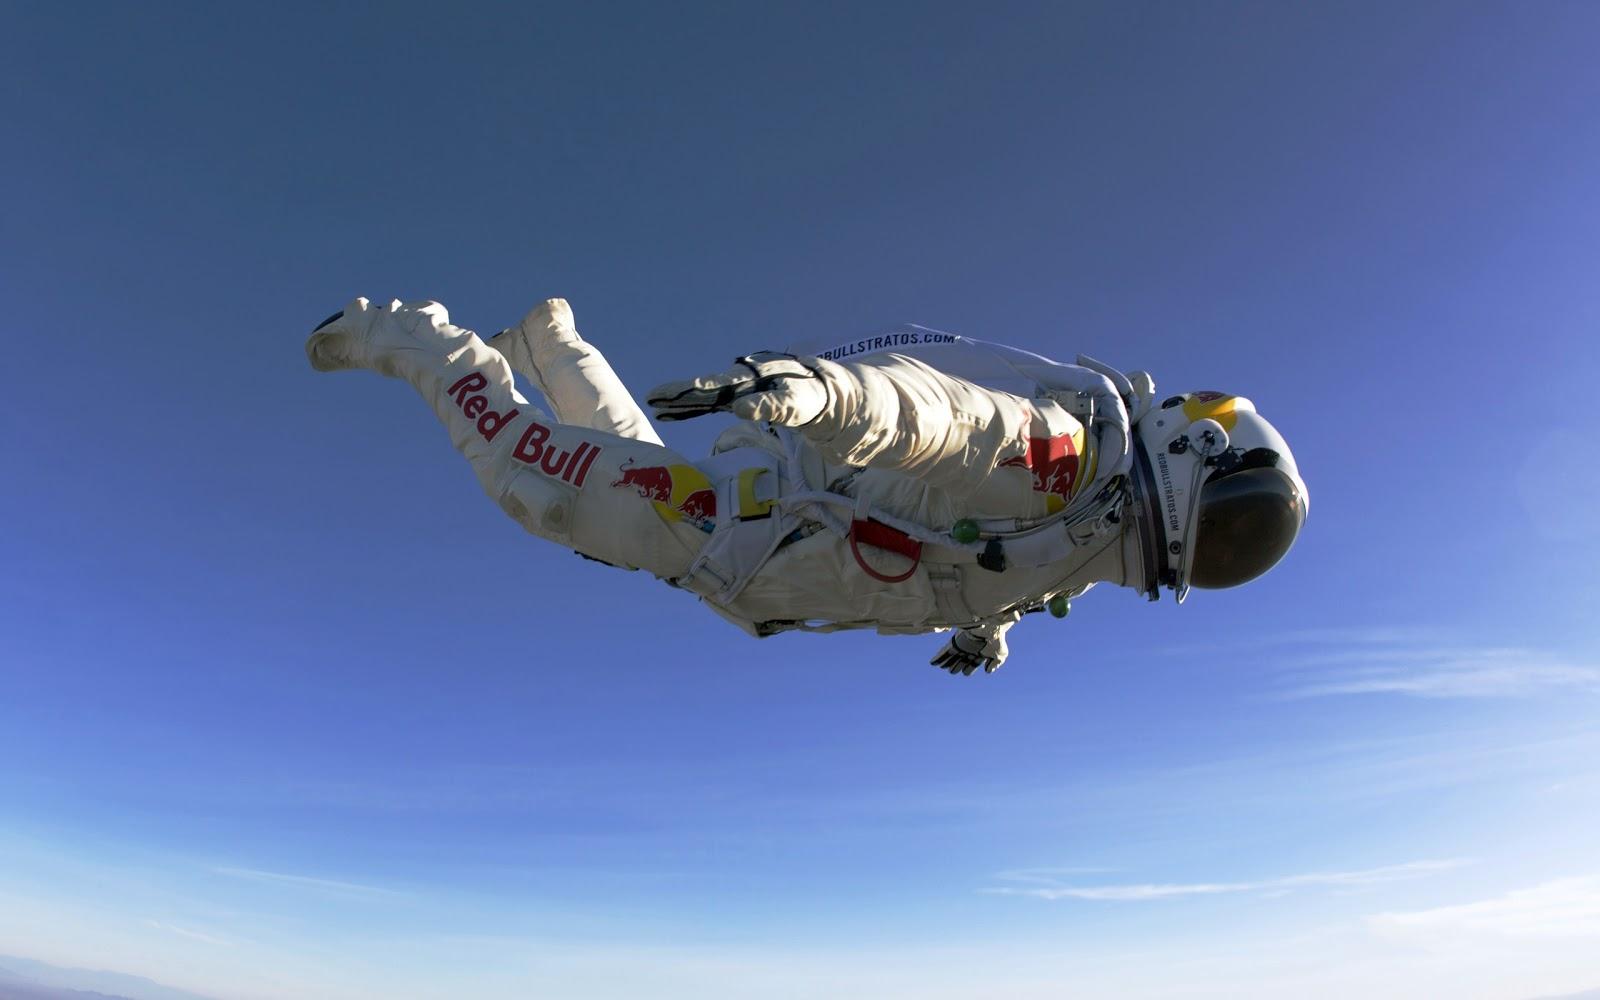 http://4.bp.blogspot.com/-xz0yQZmouKY/UH1Jb4eQmYI/AAAAAAAAFbI/rssprOiq3d0/s1600/Felix-Baumgartner-Redbull-Skydiving-HD-Desktop-Wallpaper_HidefWall.Blogspot.Com.jpg